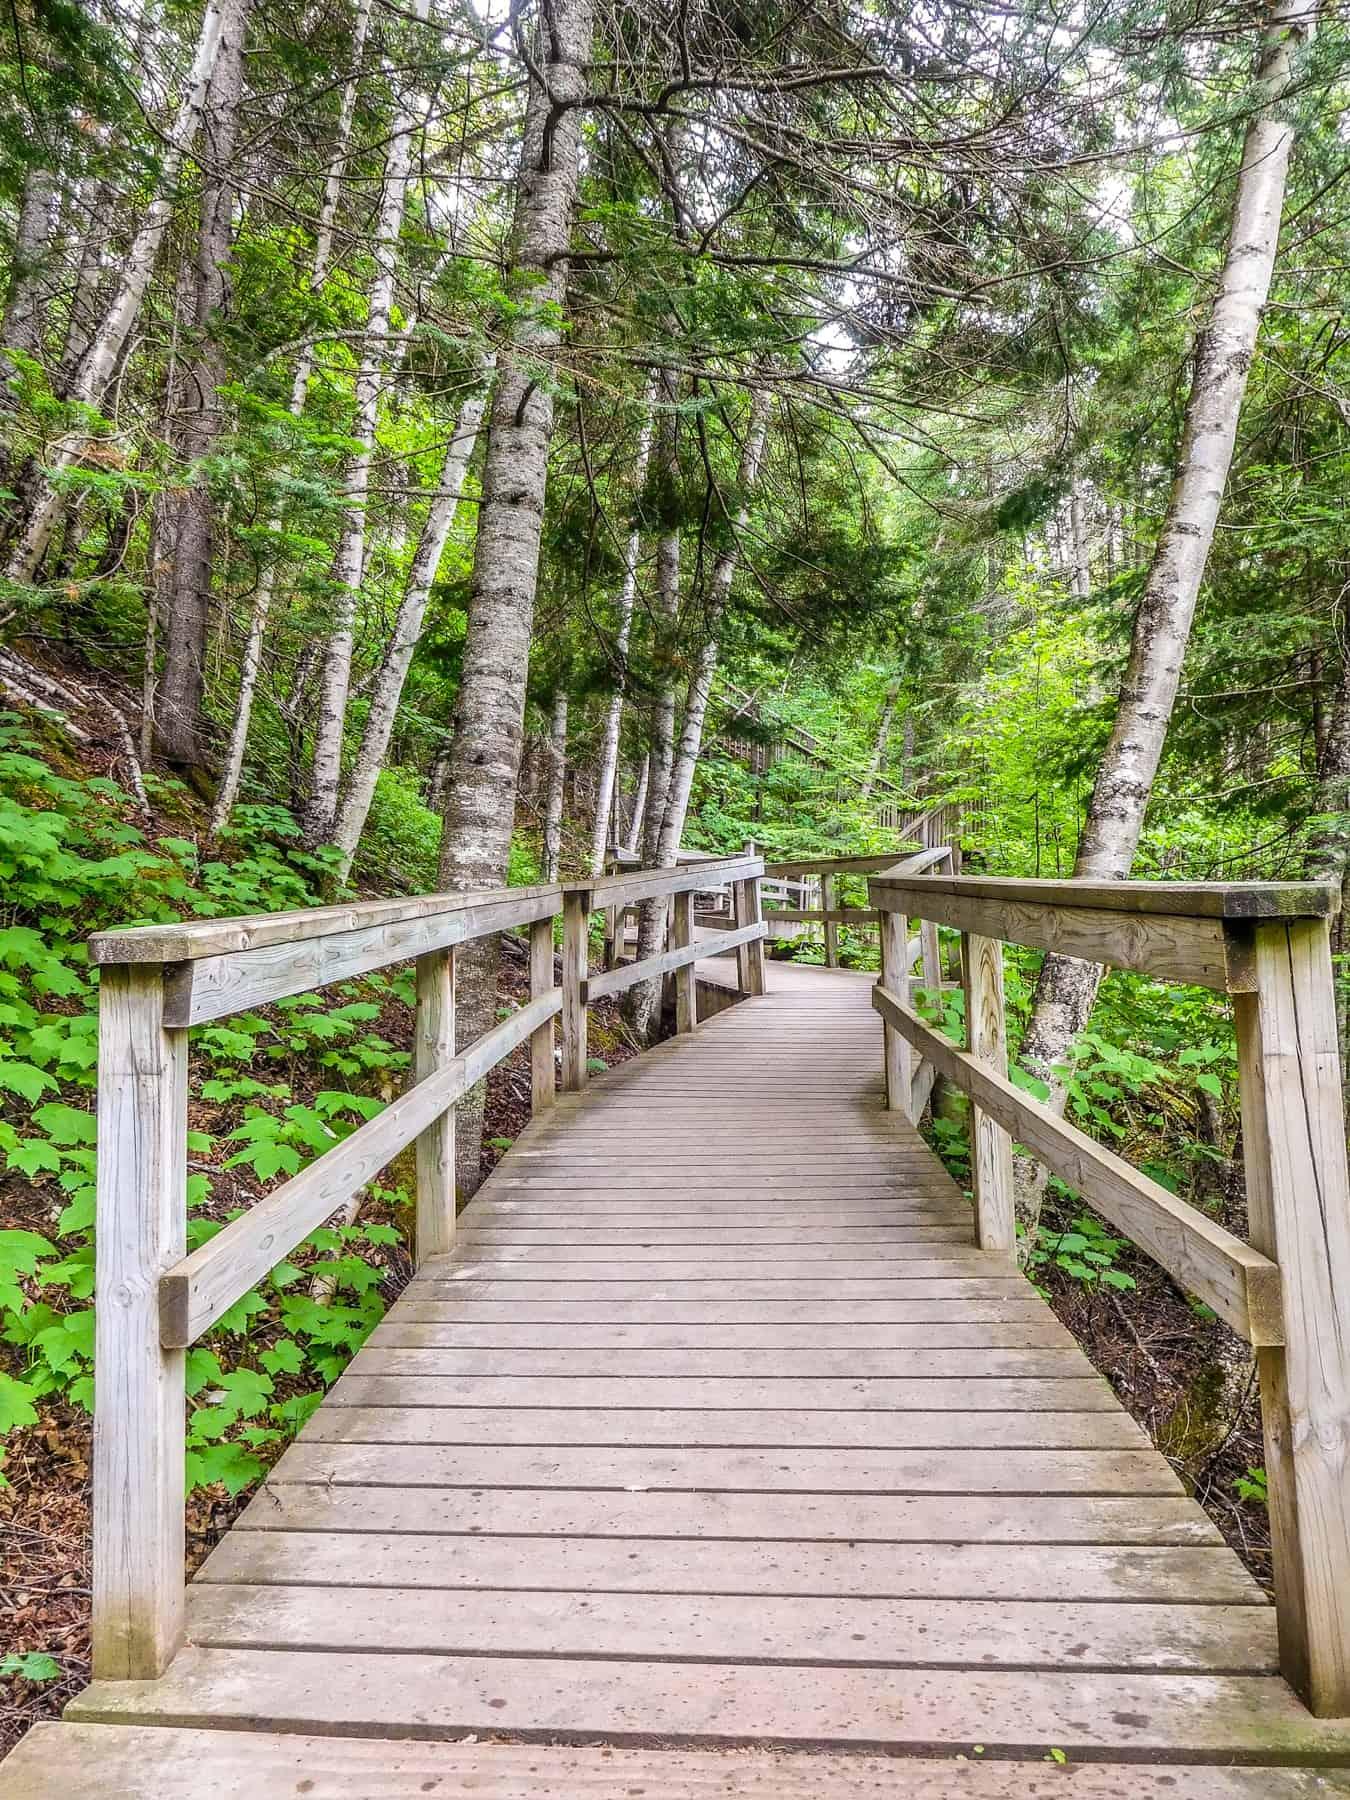 Boardwalk on Hiking Trail at Jduge CR Magney State Park